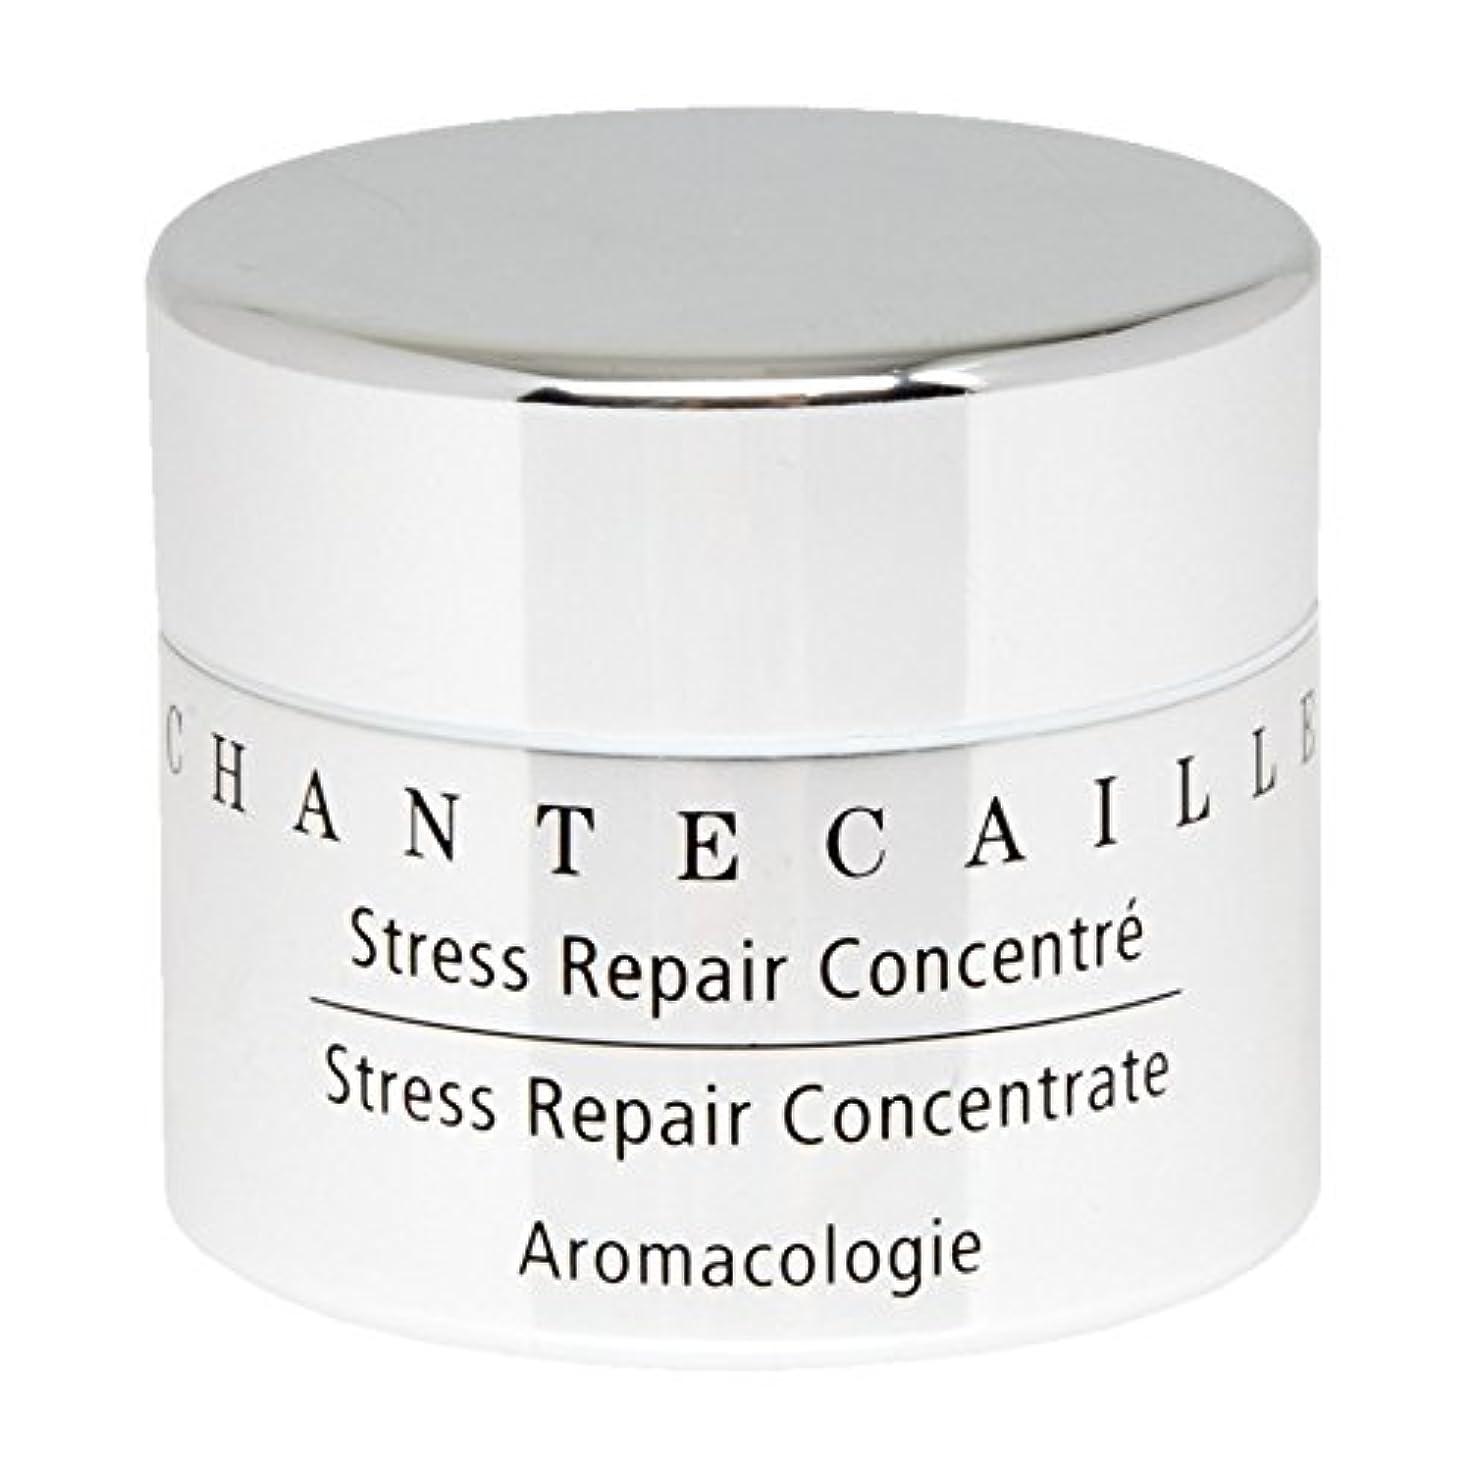 スプリット九月バウンドシャンテカイユストレス修復濃縮15ミリリットル x2 - Chantecaille Stress Repair Concentrate 15ml (Pack of 2) [並行輸入品]